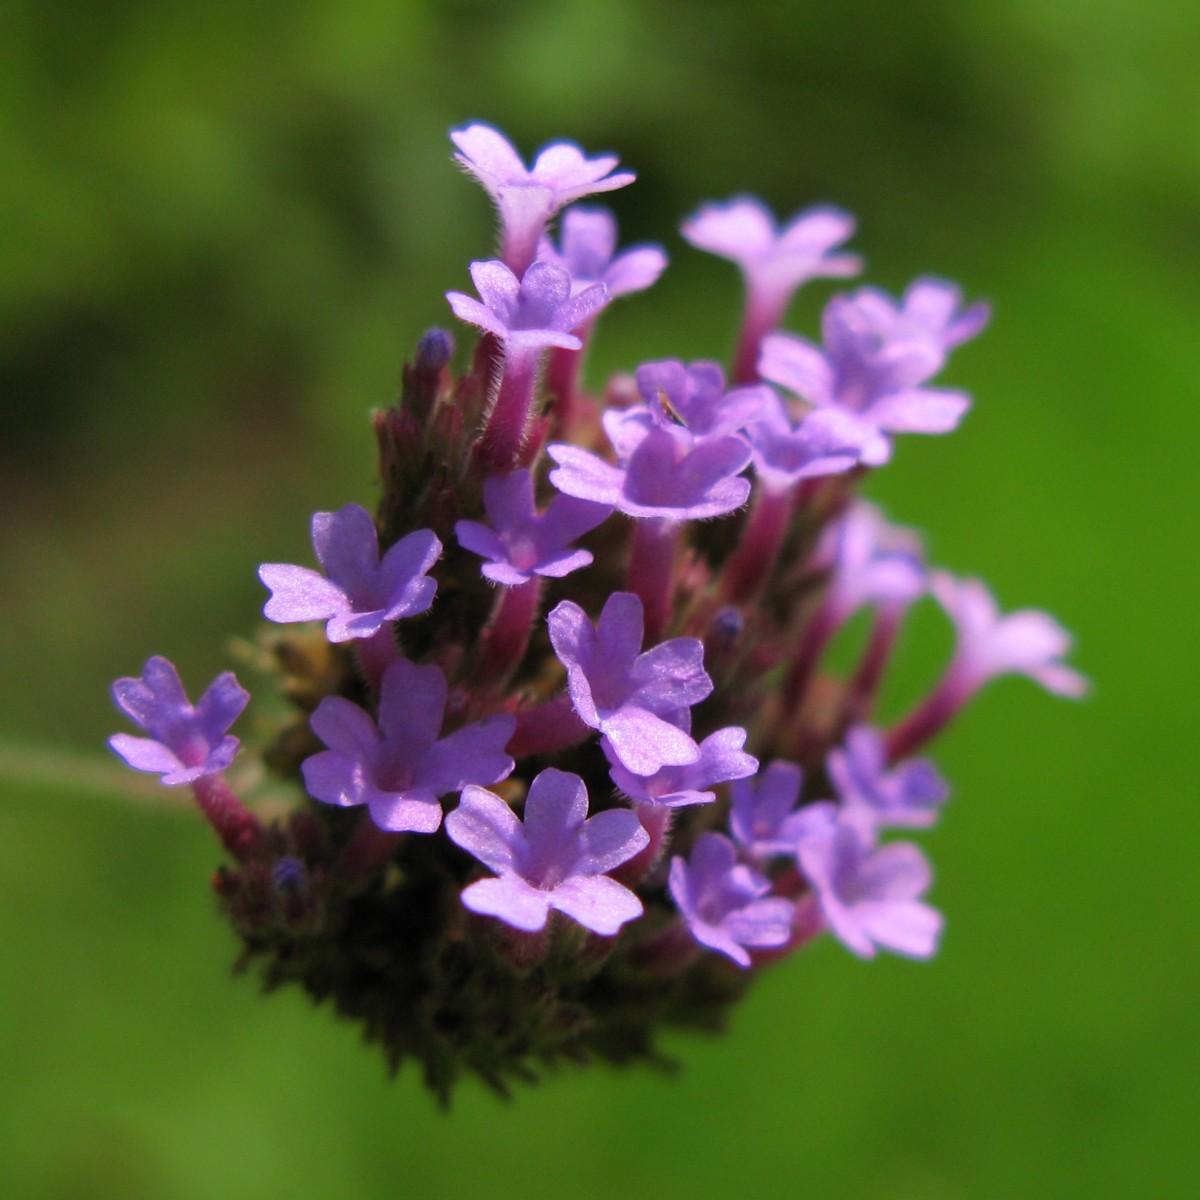 kostenlose foto gras bl hen blume lila fr hling kraut nat rlich botanik blau set. Black Bedroom Furniture Sets. Home Design Ideas